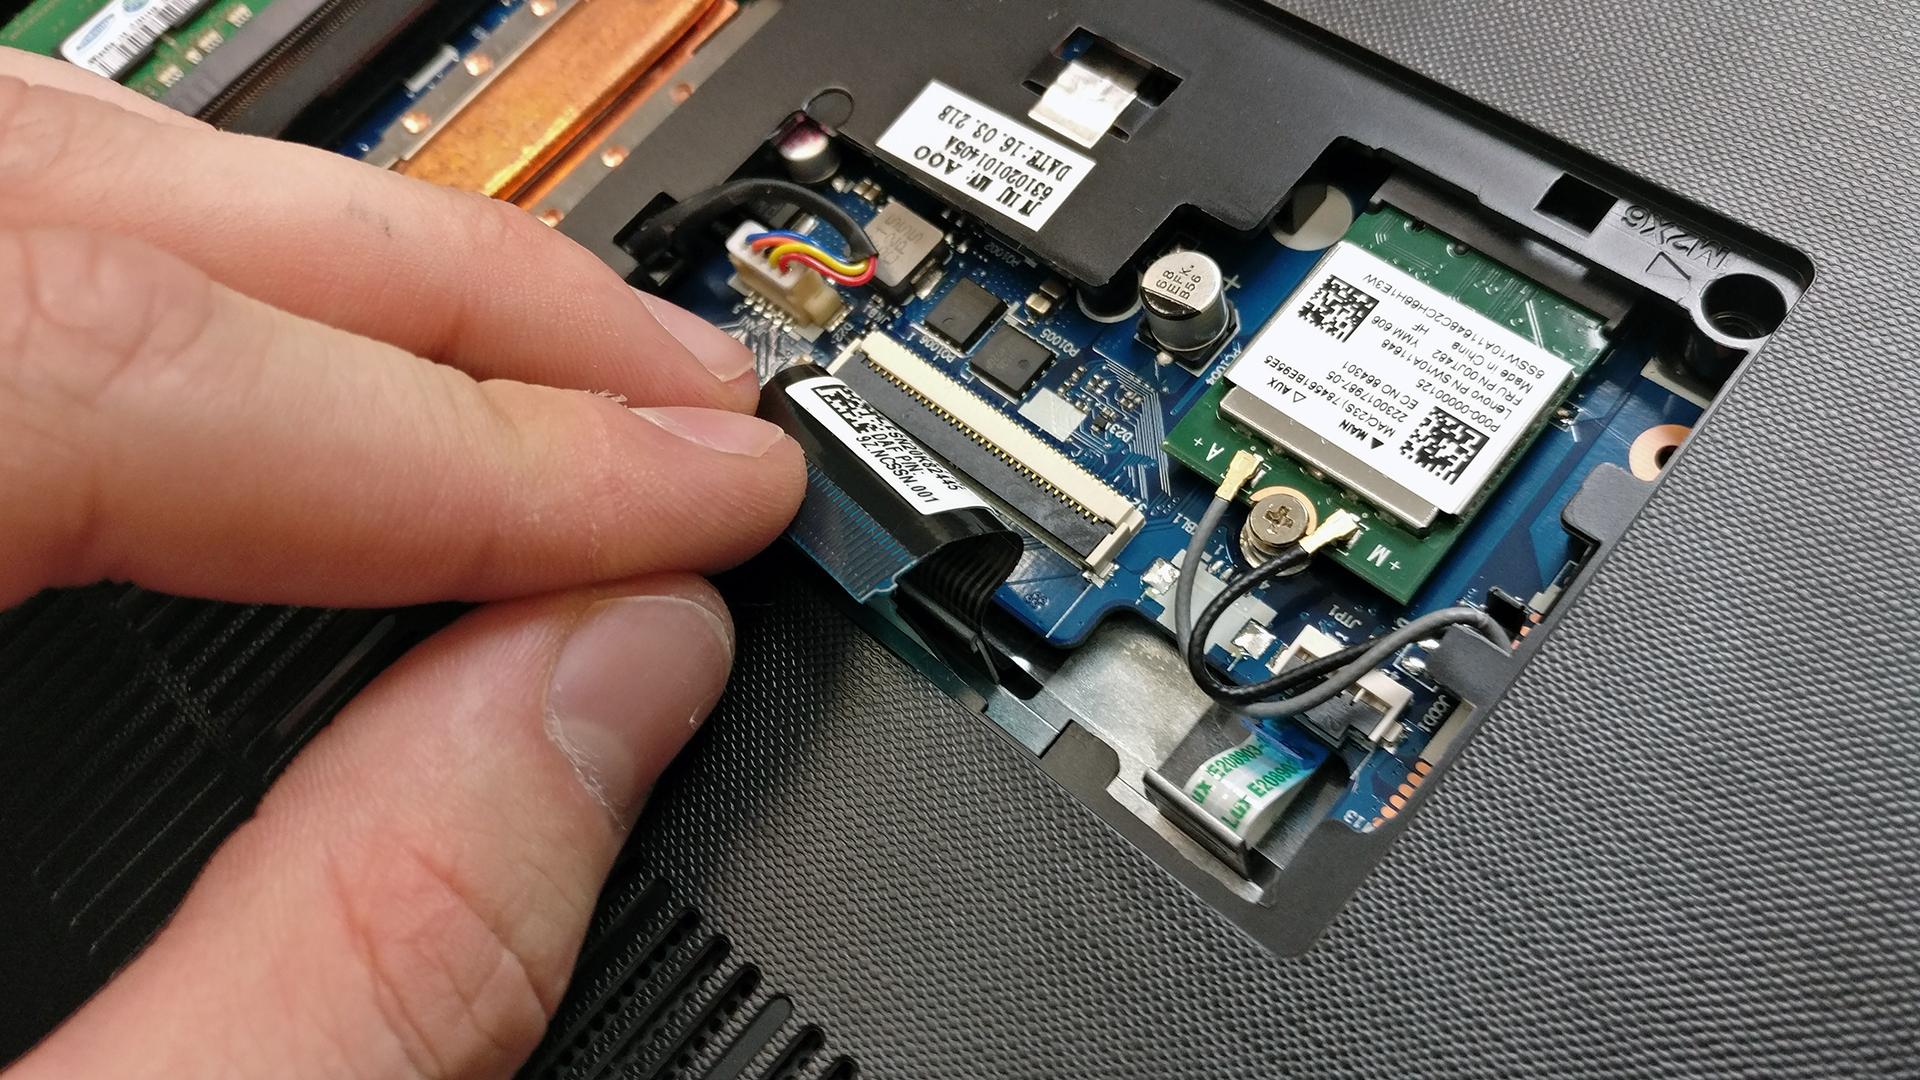 Inside Lenovo Ideapad 310 – disassembly, internal photos and upgrade